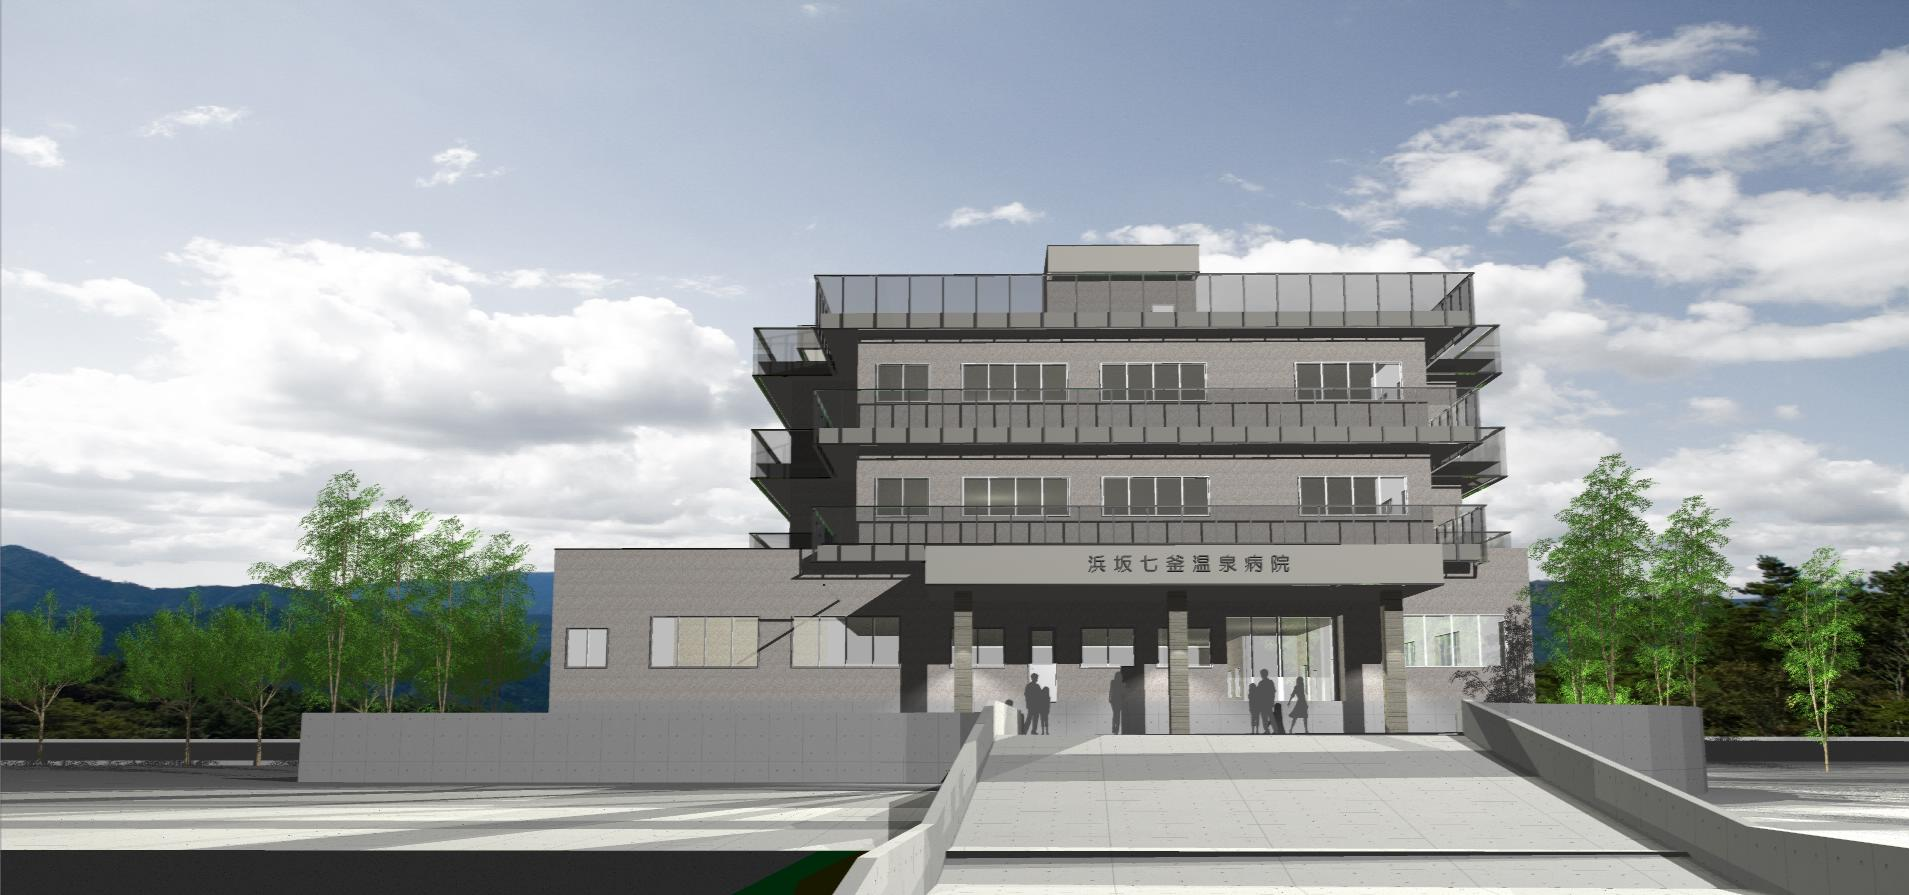 3Dパース | 病院 | 浜坂七釜温泉病院003